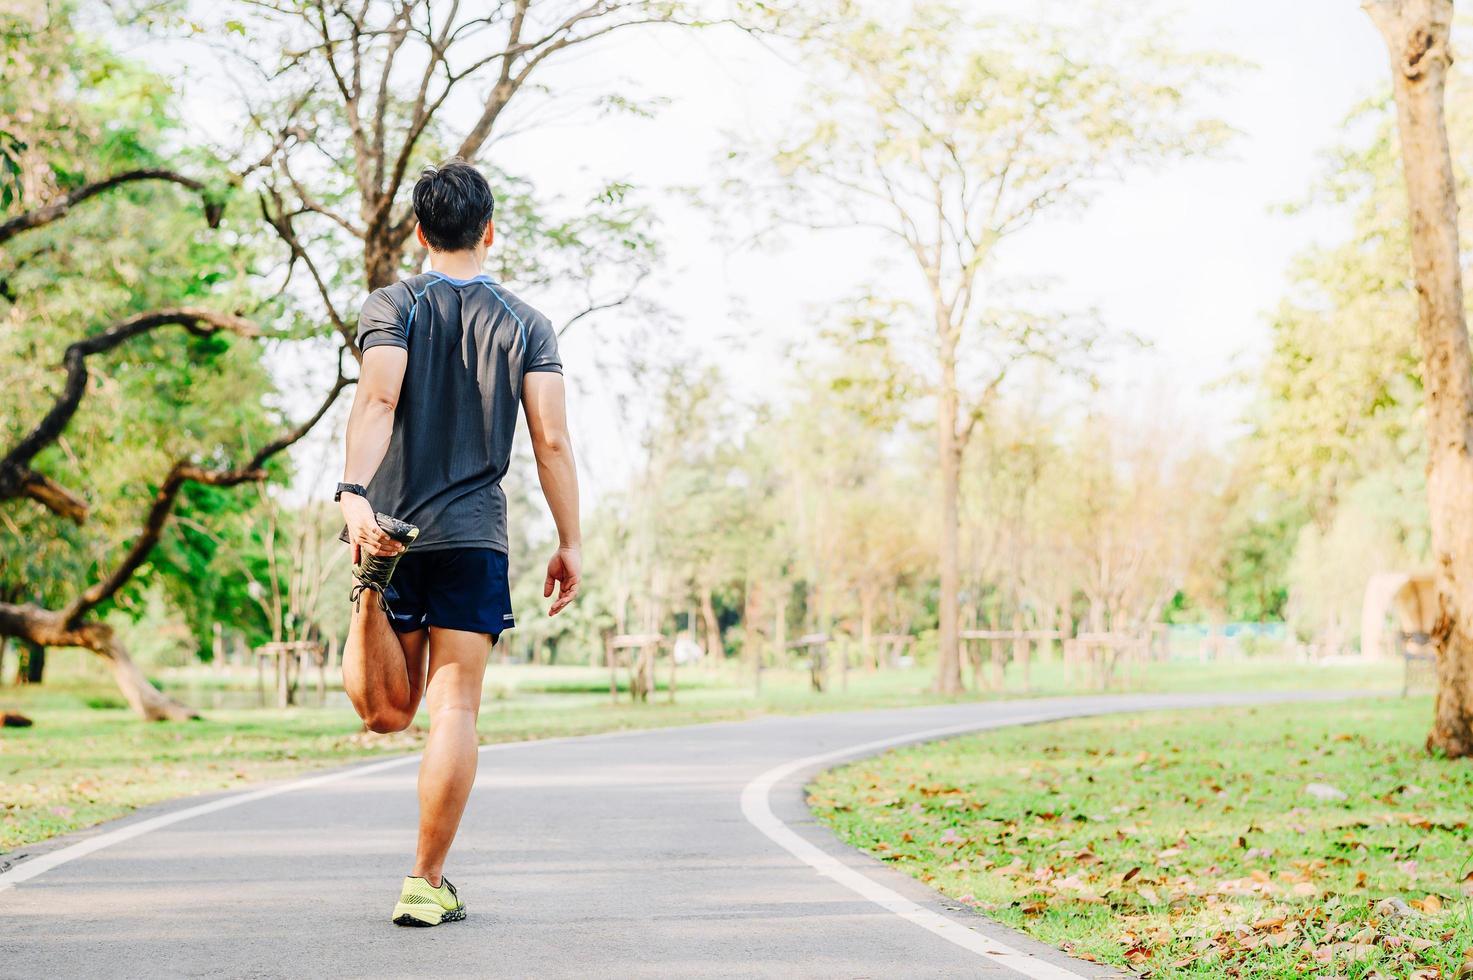 corredor masculino haciendo ejercicios de estiramiento foto